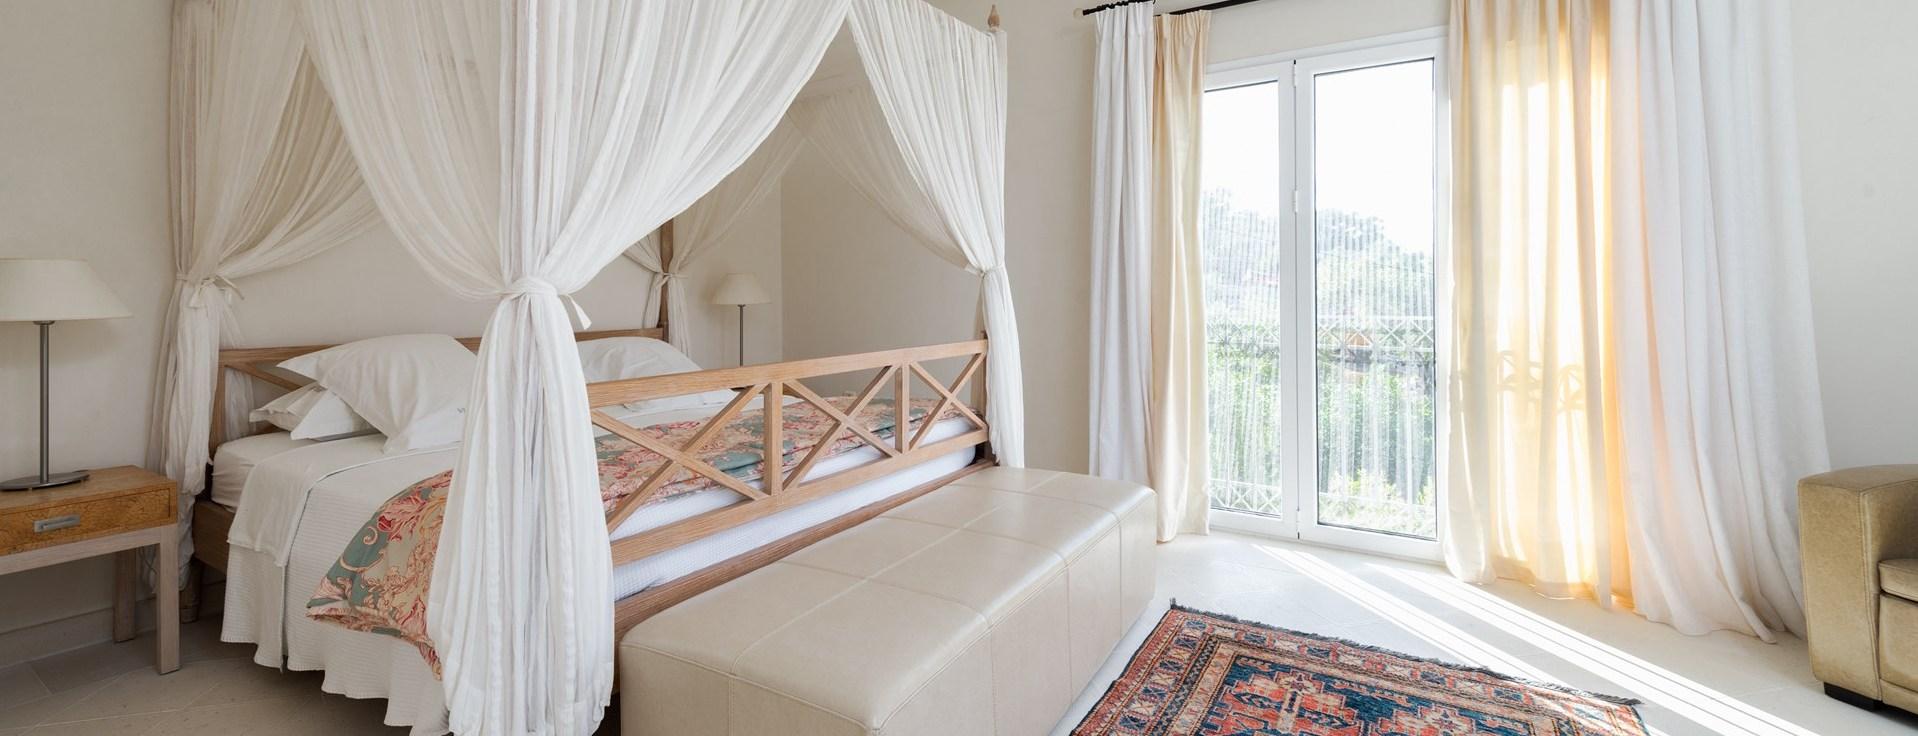 villa-vinita-double-bedroom1